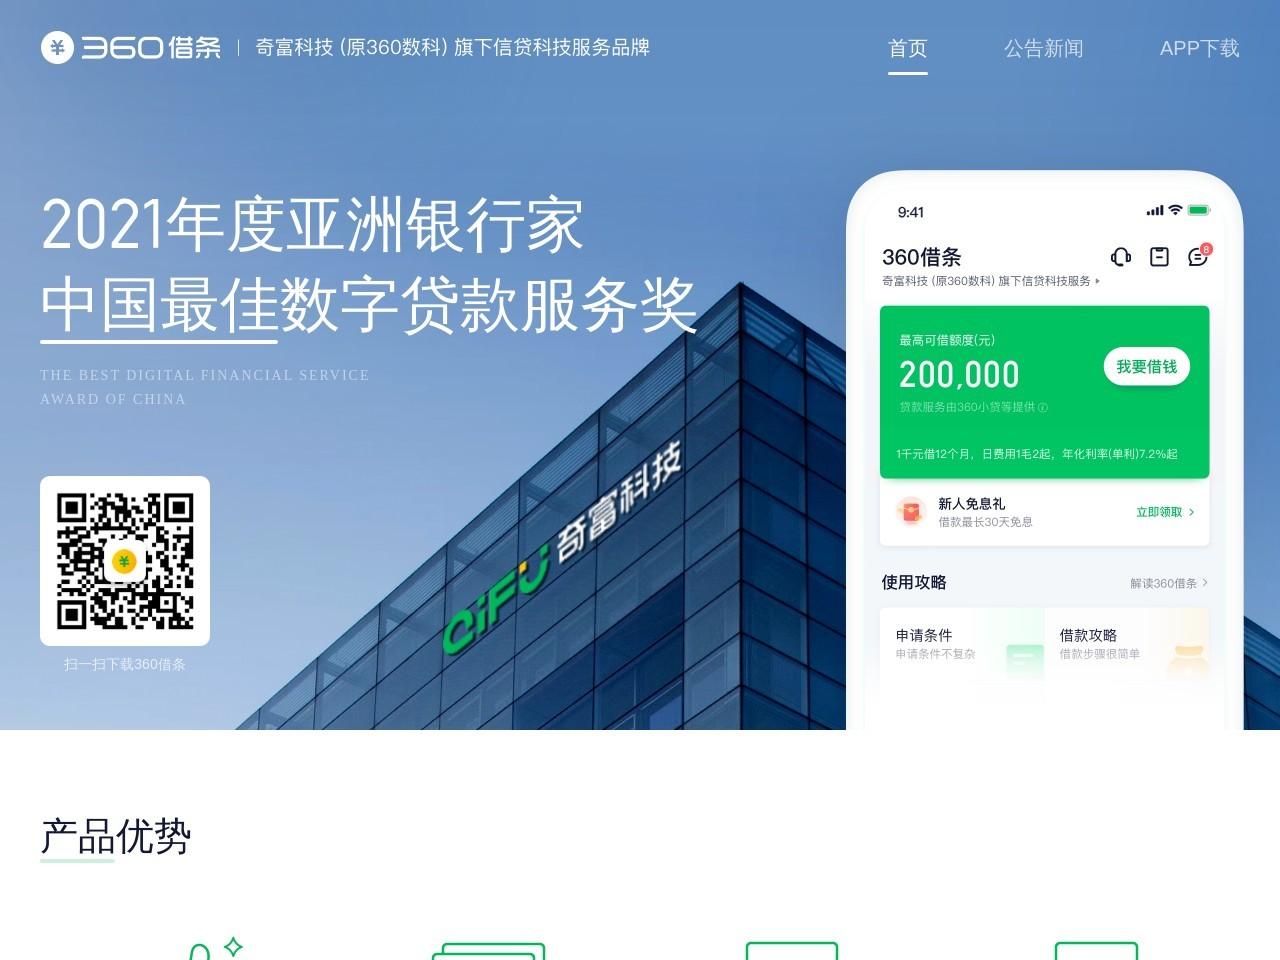 360借条的网站截图